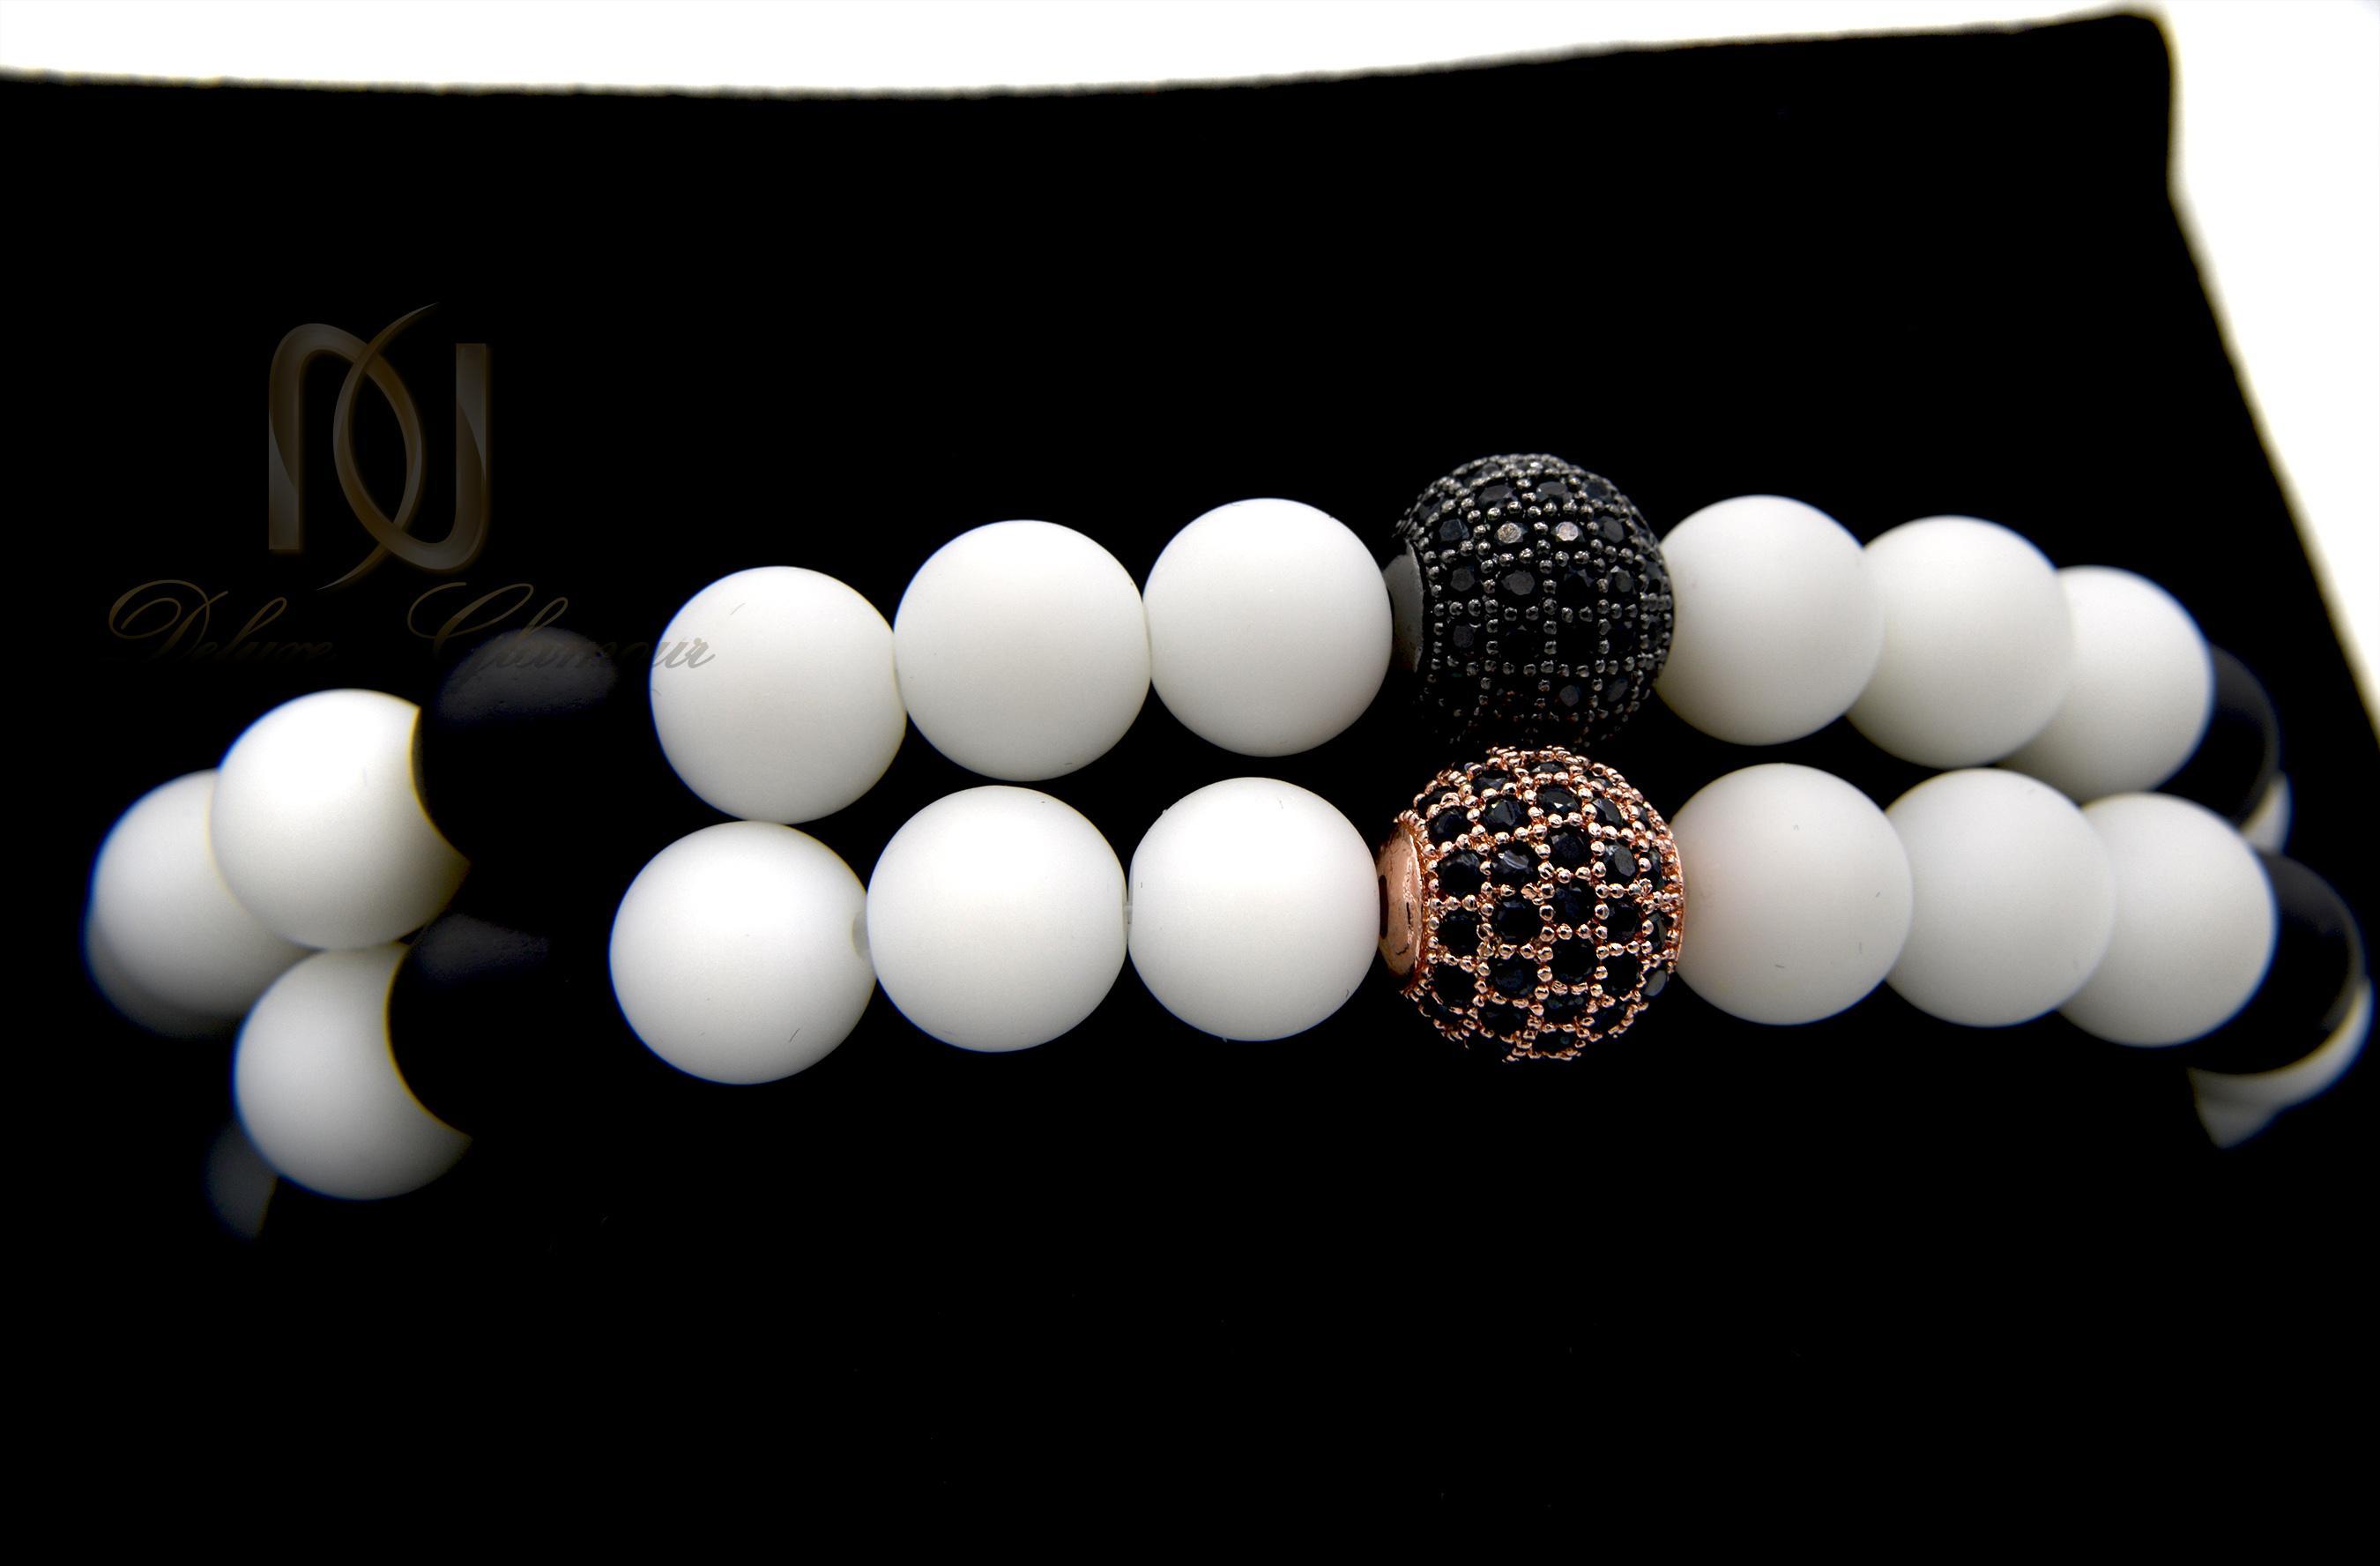 دستبند ست سنگ اونیکس با مهره سواروسکی ds-n348 از نمای نزدیک